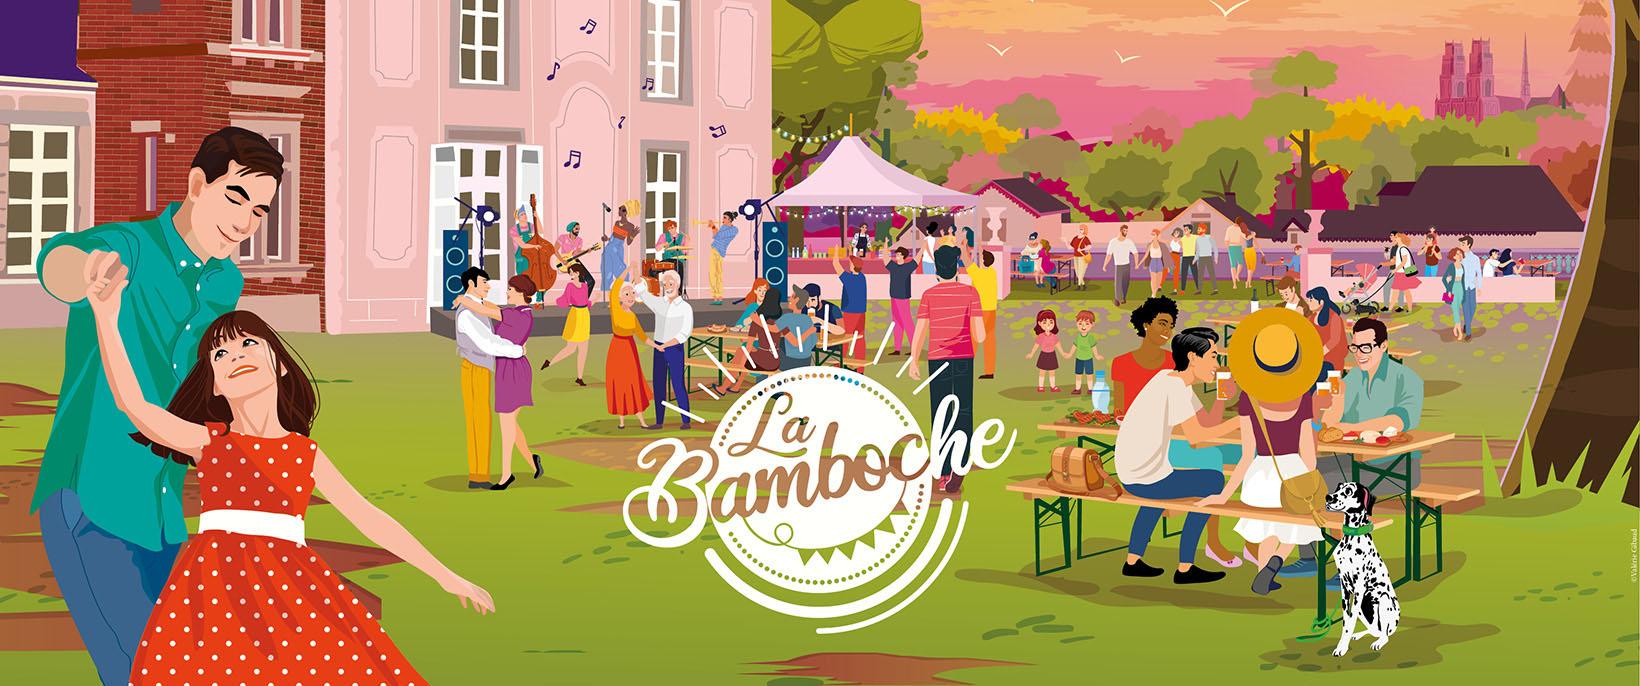 Bamboche-fest